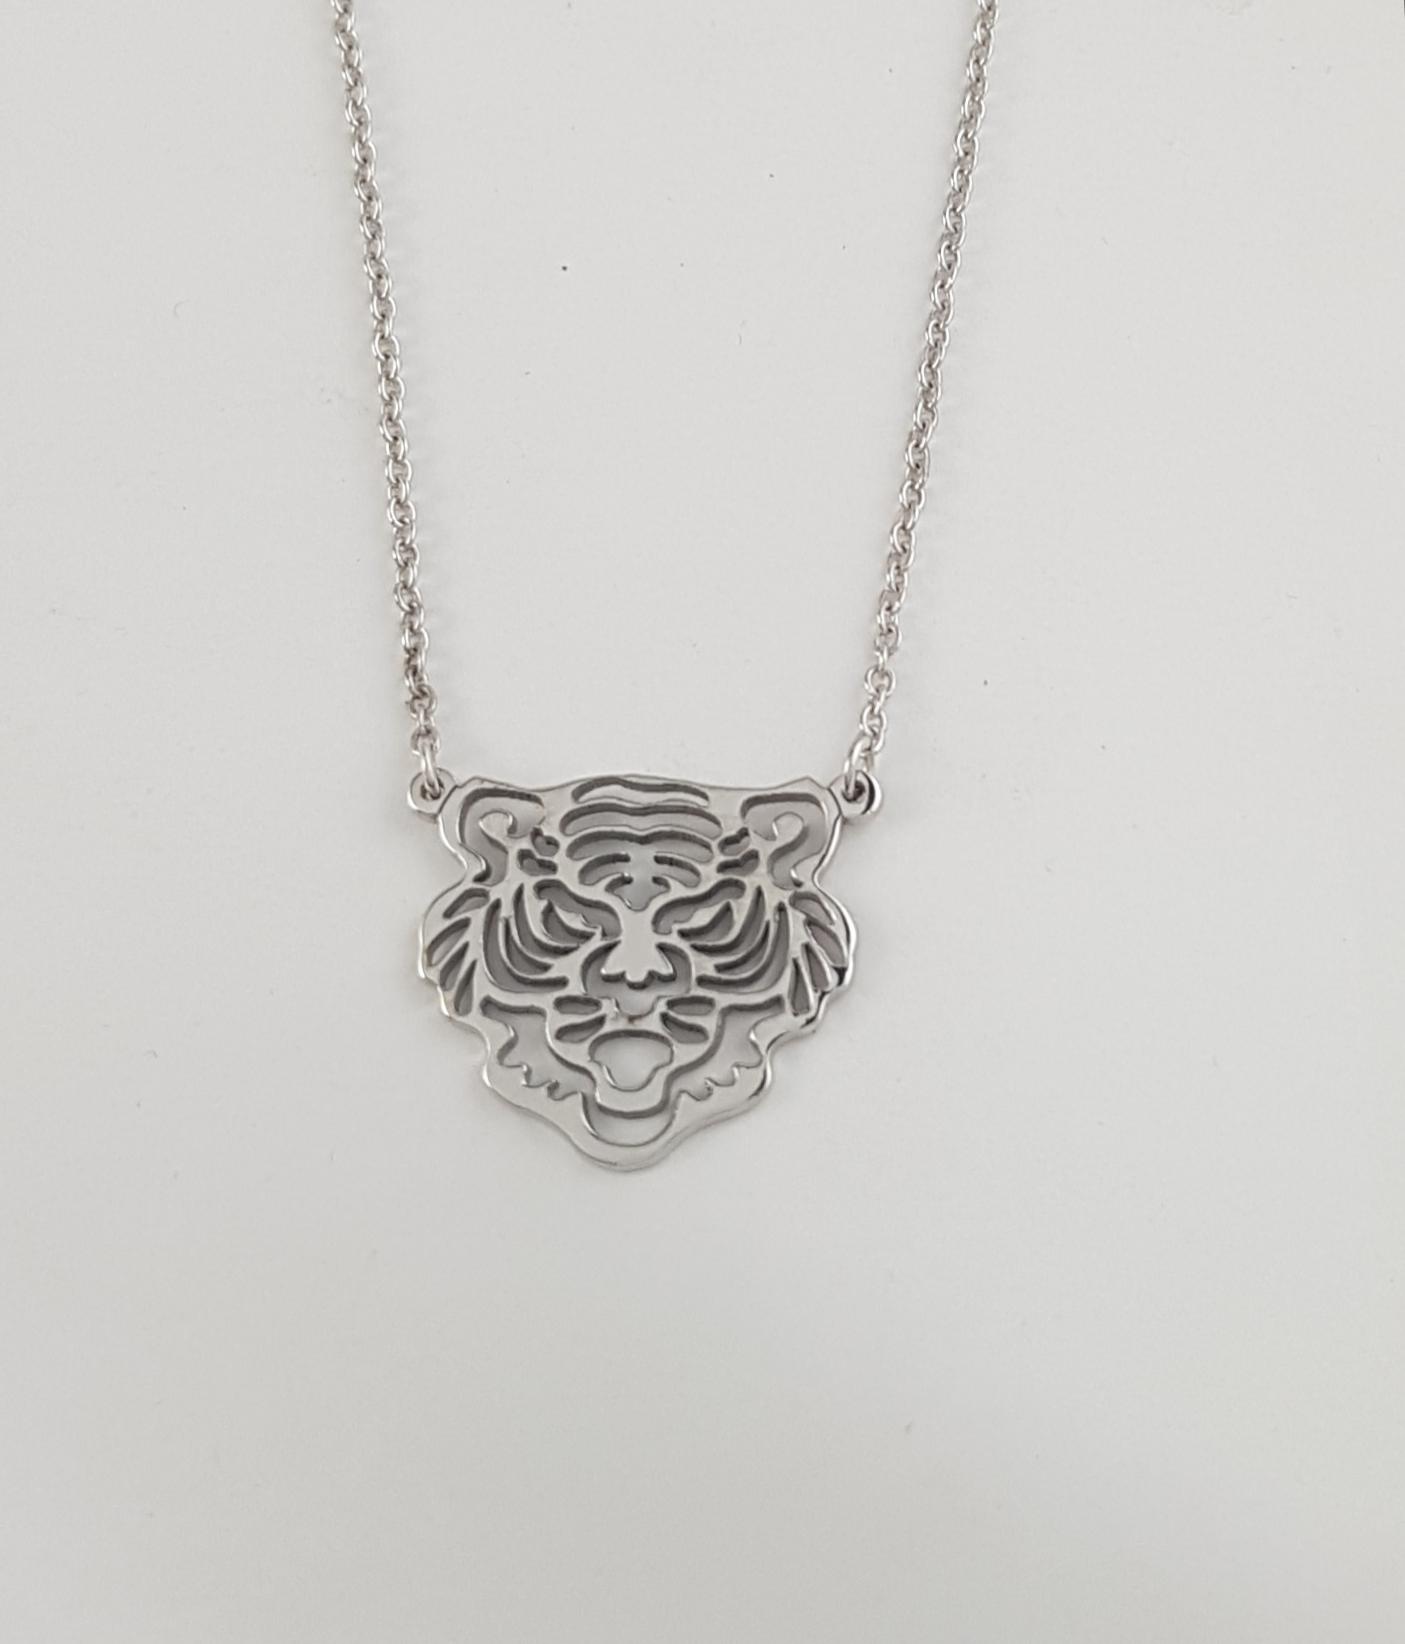 6d5a50566 Colgante tigre plata - Joyería Amores. Tienda online joyas personalizadas y  artesanales